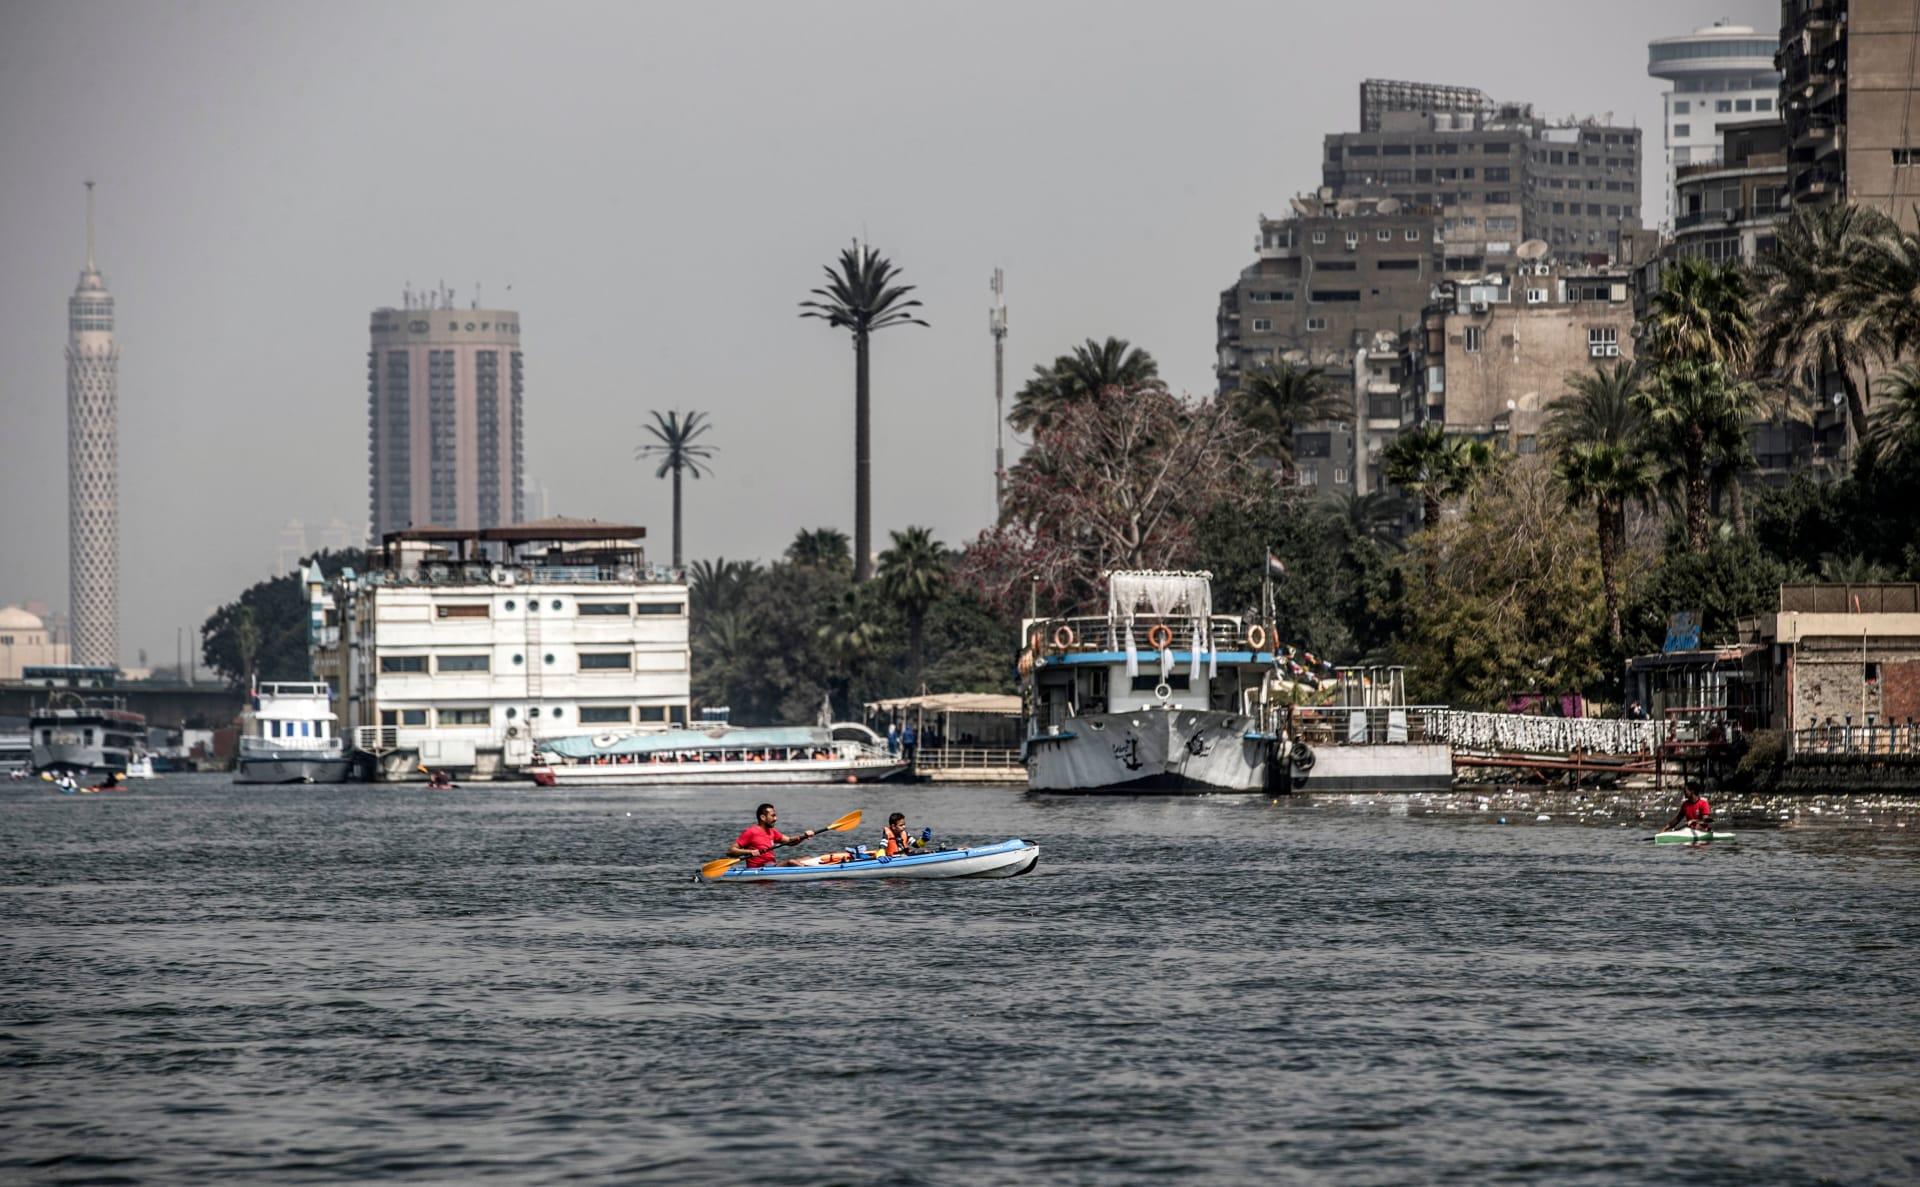 متطوعون يركبون قوارب الكاياك يشاركون في حملة لإزالة مخلفات المياه وتنظيفها في نهر النيل قبالة جزيرة منيل الروضة في العاصمة المصرية القاهرة، 7 مارس 2020.